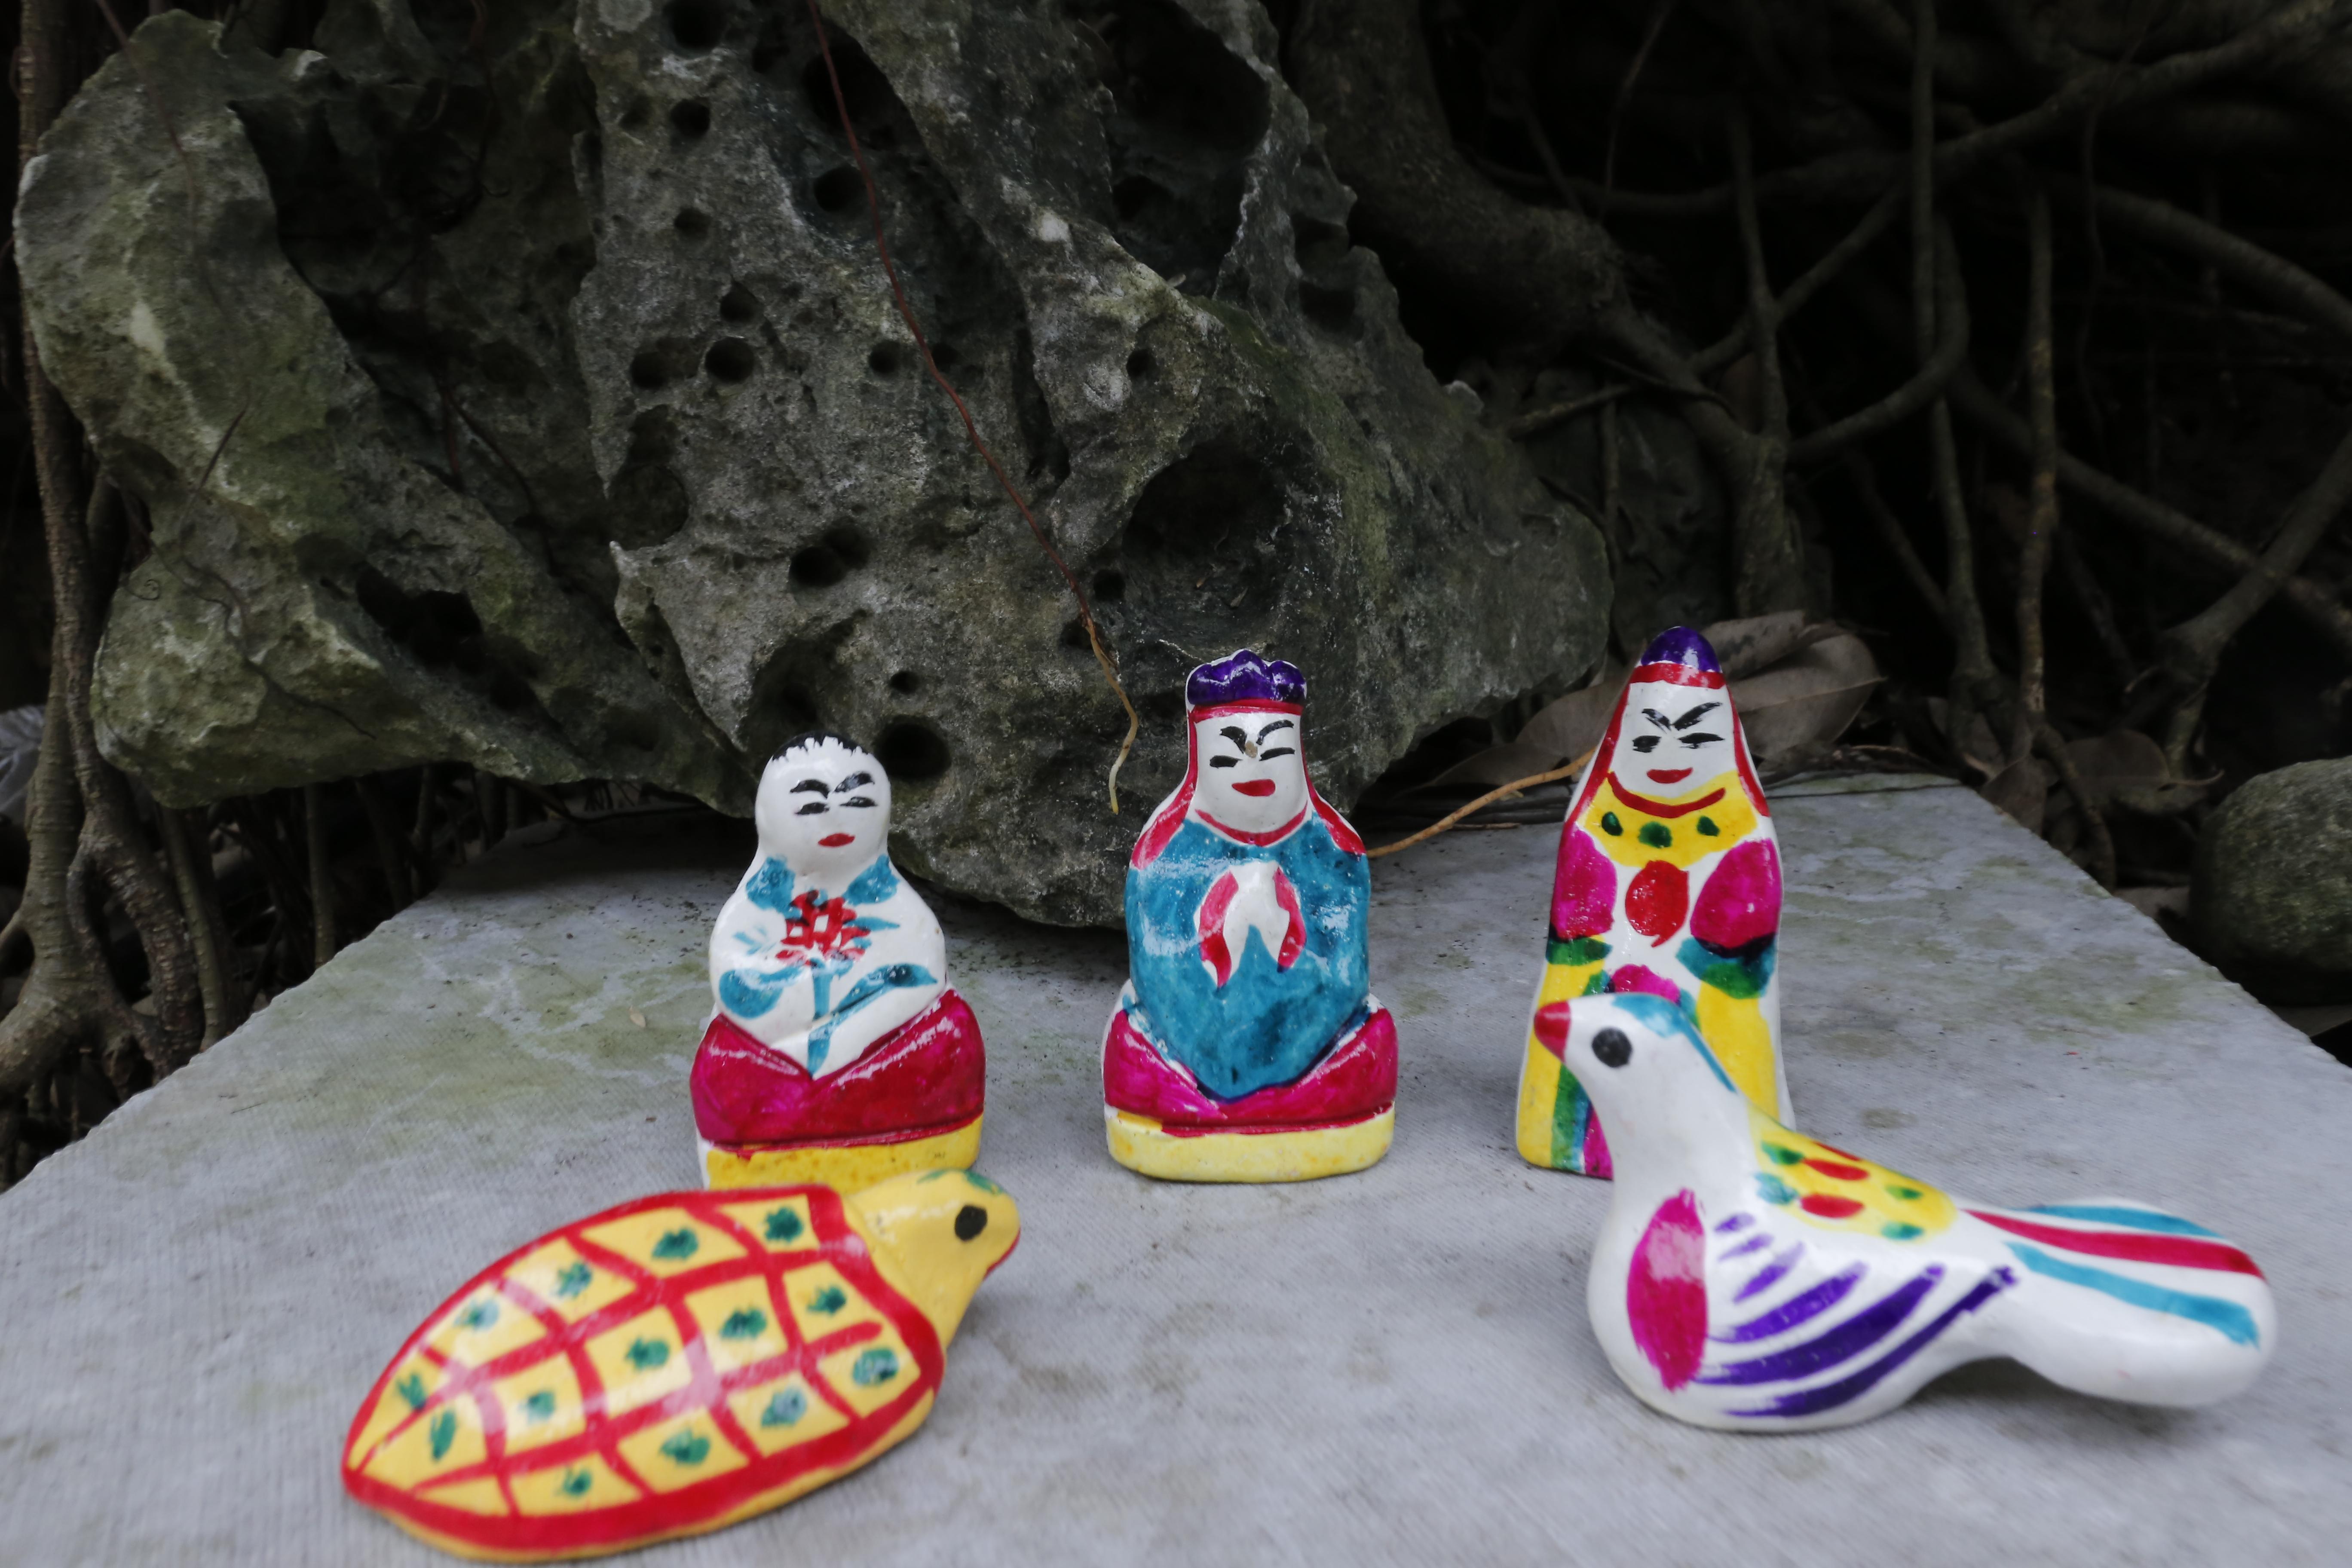 Bộ phỗng đất truyền thống gồm năm hình tượng: em bé ôm bông hoa, ông sư, ông phỗng đứng, chim bồ câu, chú rùa.